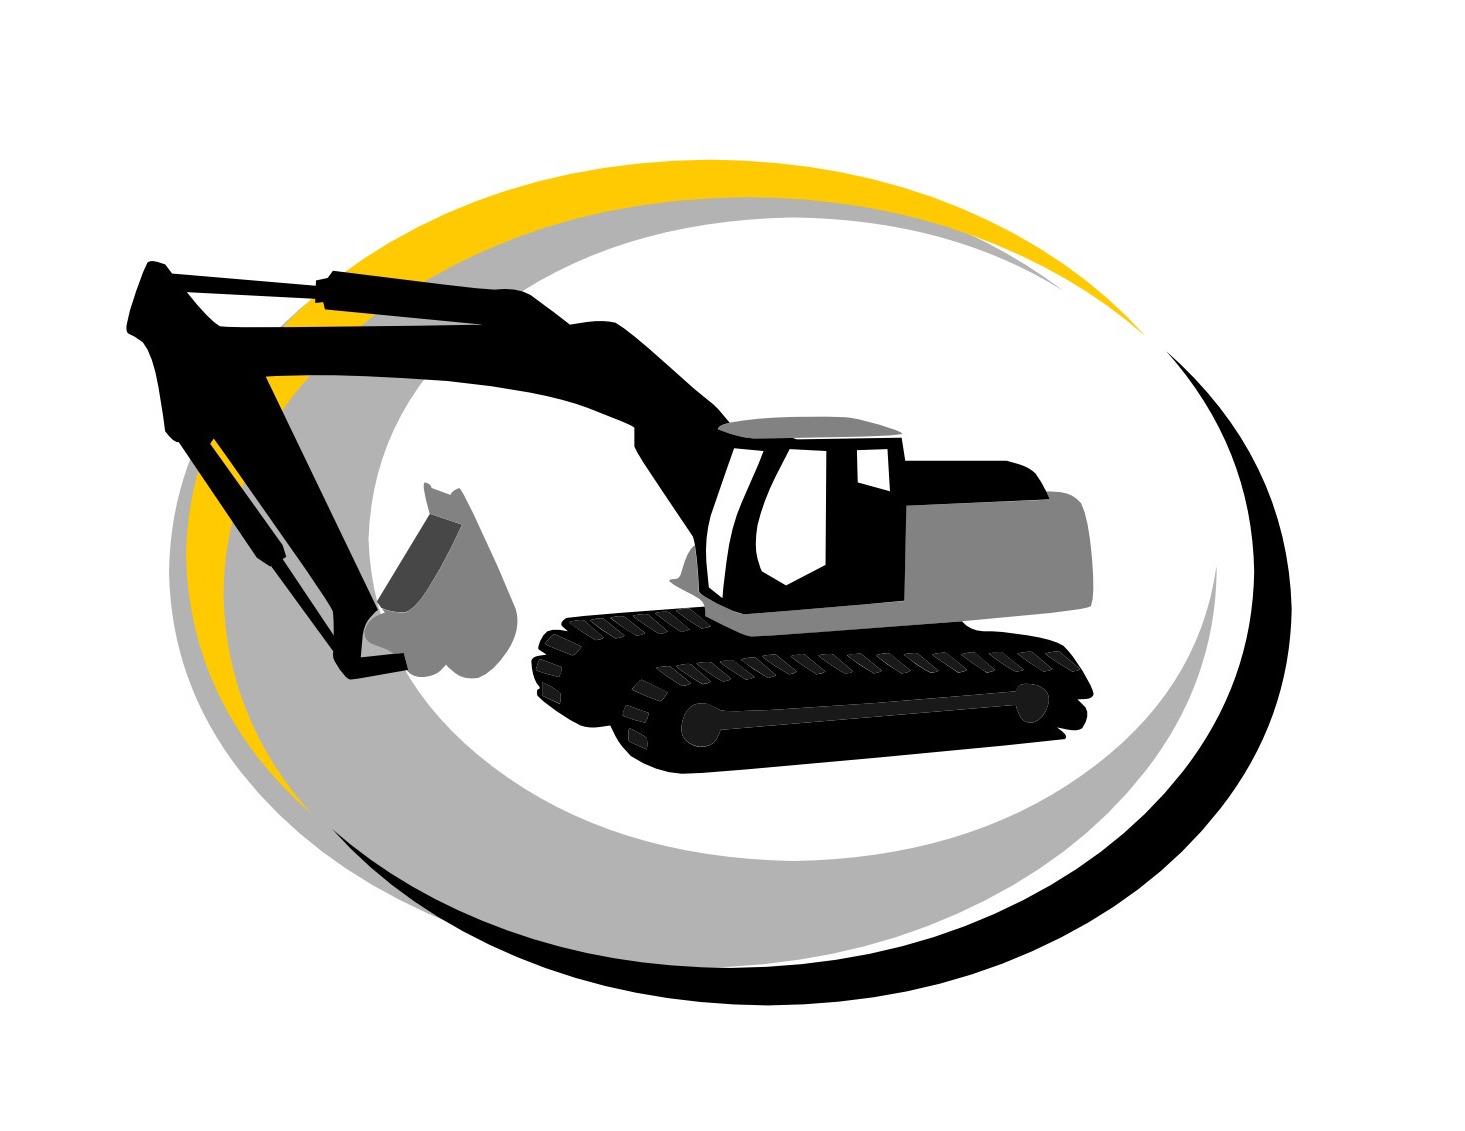 Digger hire tmr building. Excavator clipart mini excavator